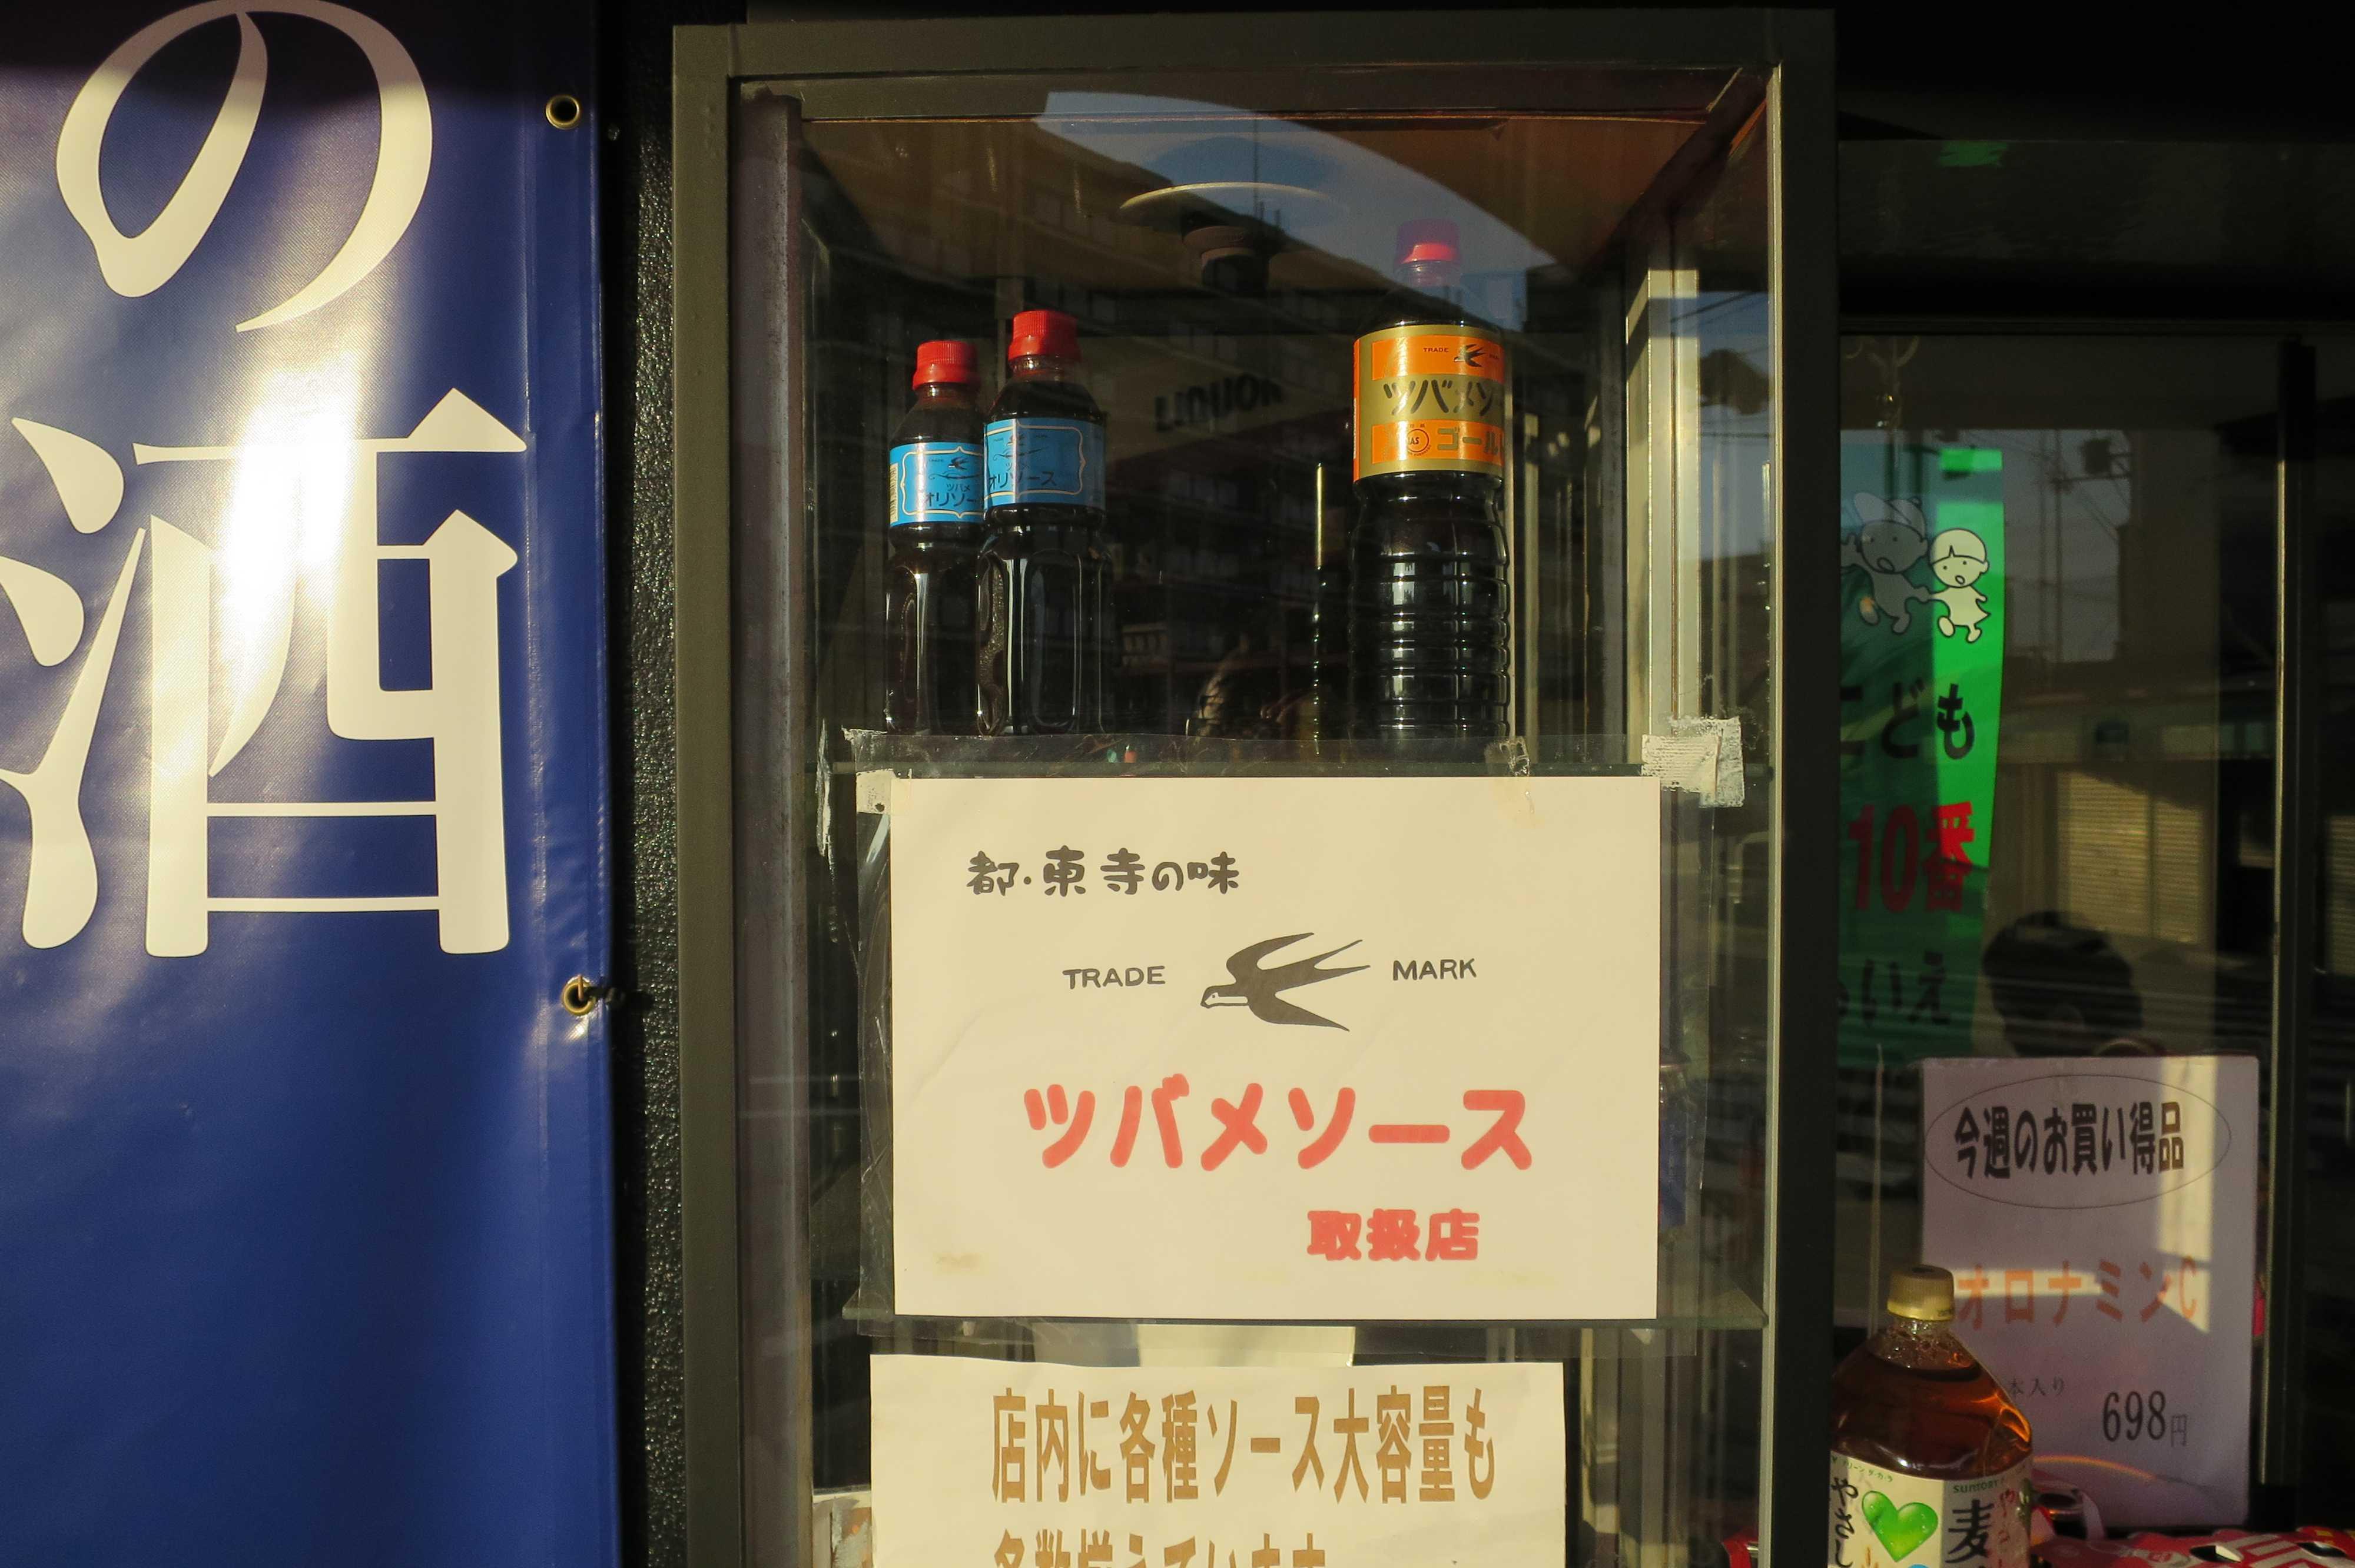 京都・崇仁地区 - ツバメソース取扱店